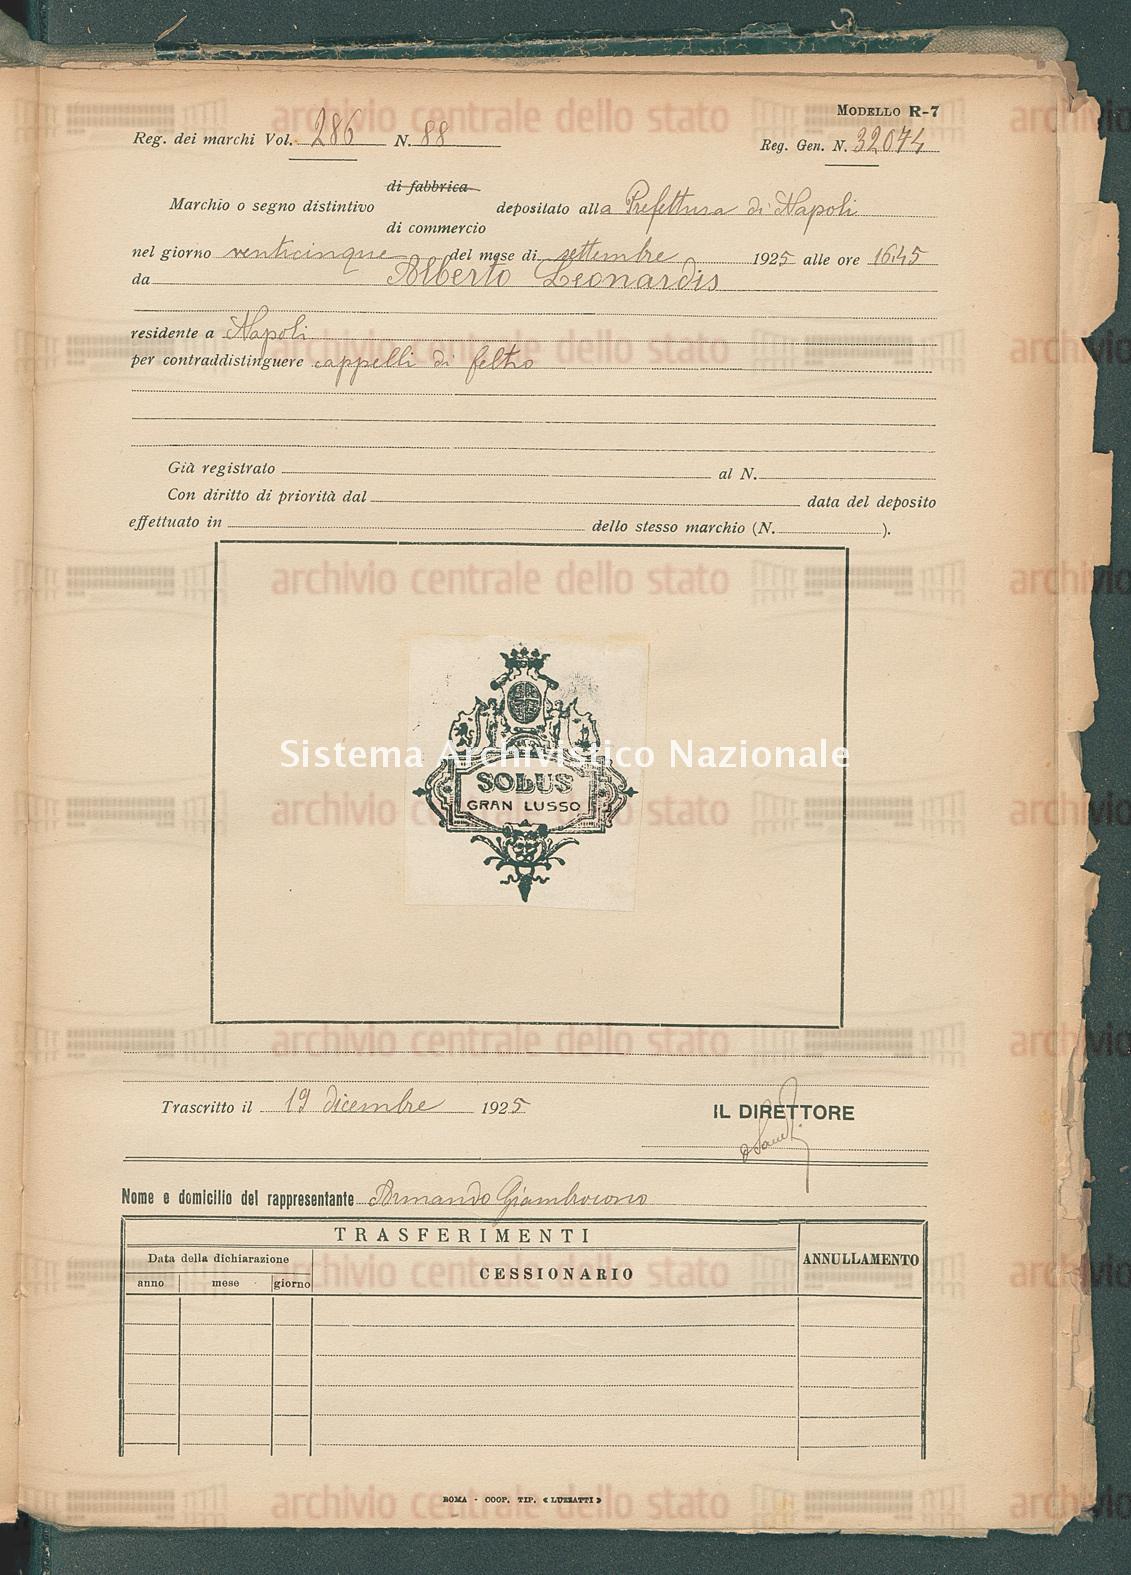 Alberto Leonardis (19/12/1925)